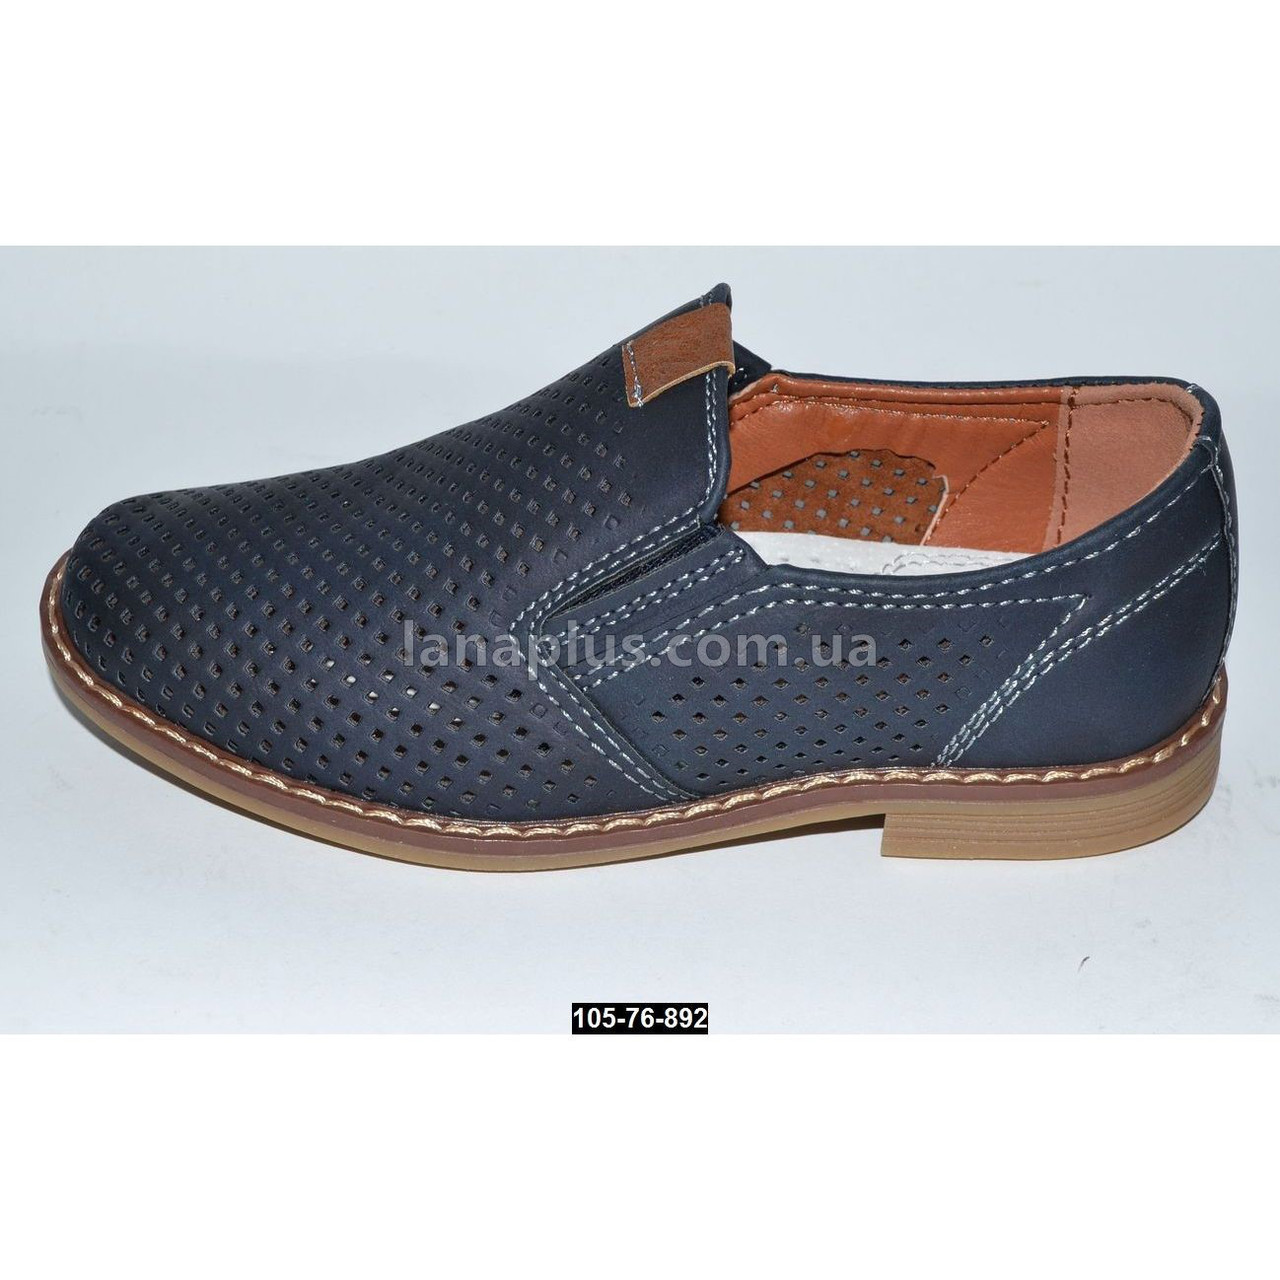 Летние туфли для мальчика, 27 размер (18 см), супинатор, кожаная стелька